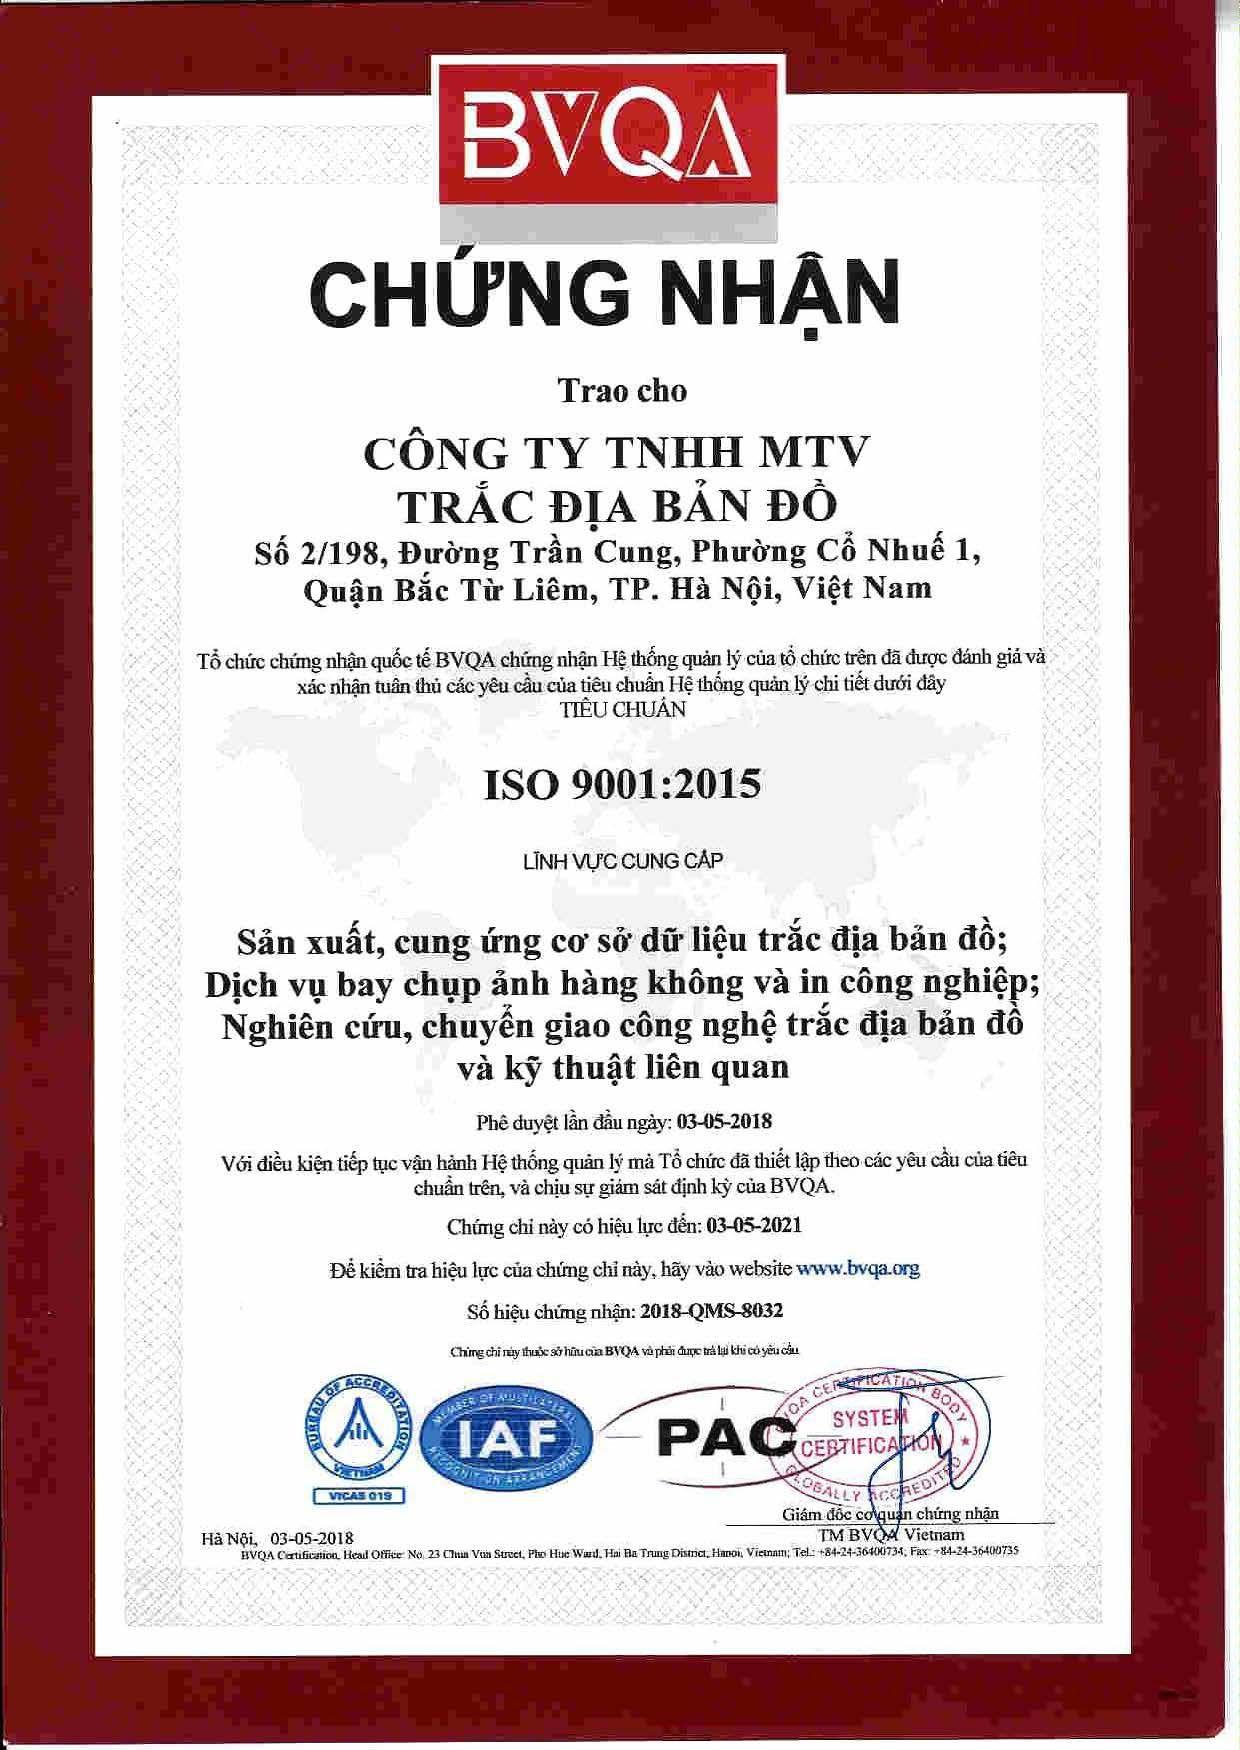 he-thong-tieu-chuan-chat-luong